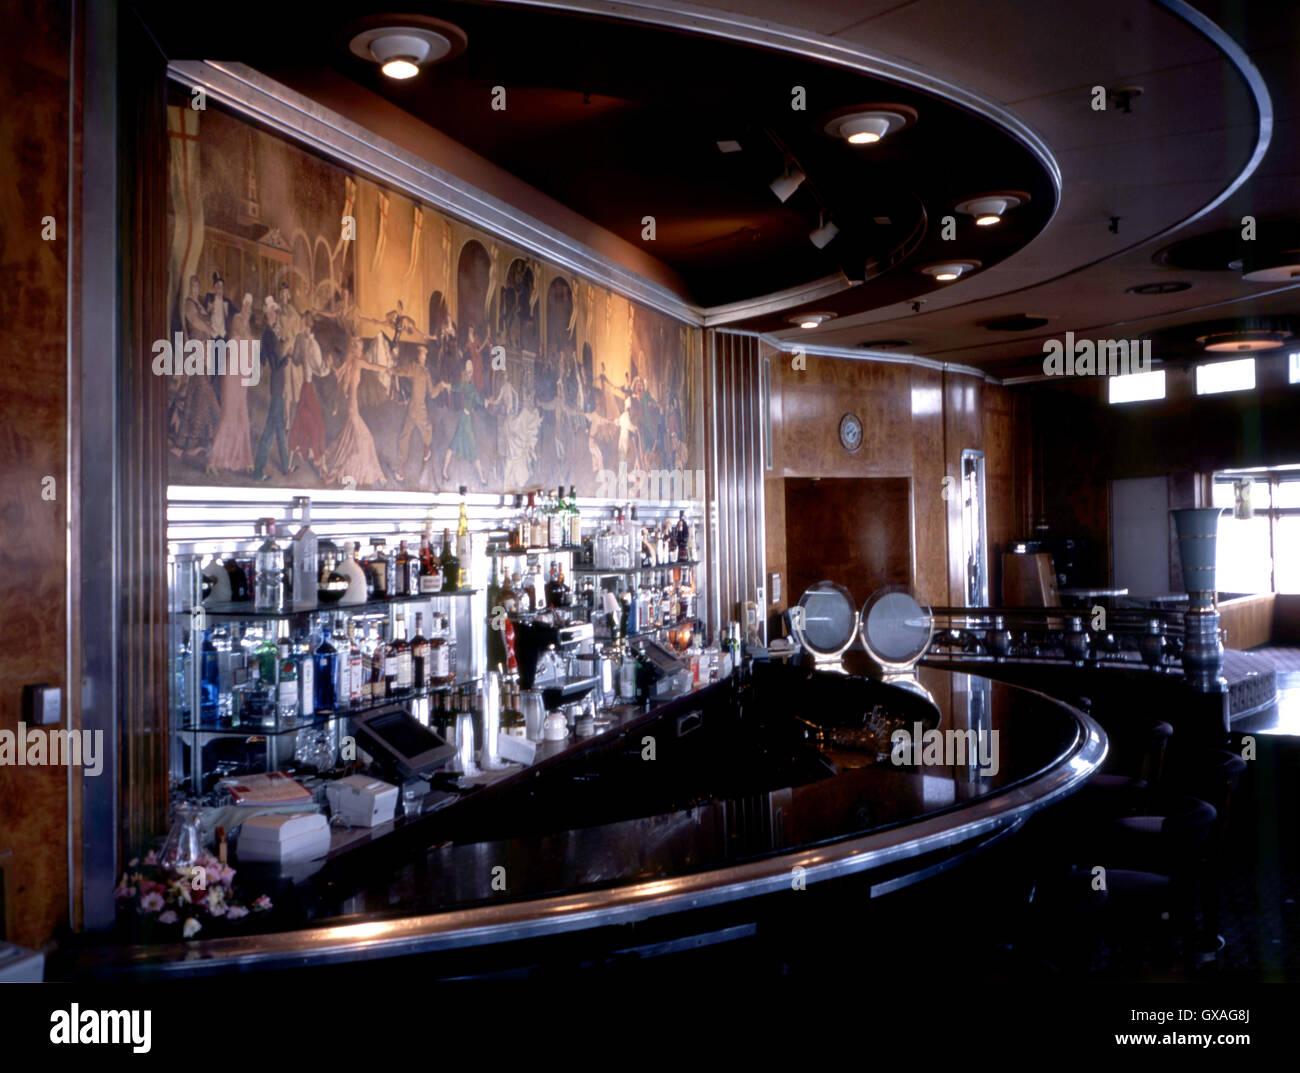 Queen Mary Beobachtung Bar, Art Deco Zimmer mit Wandbild ...